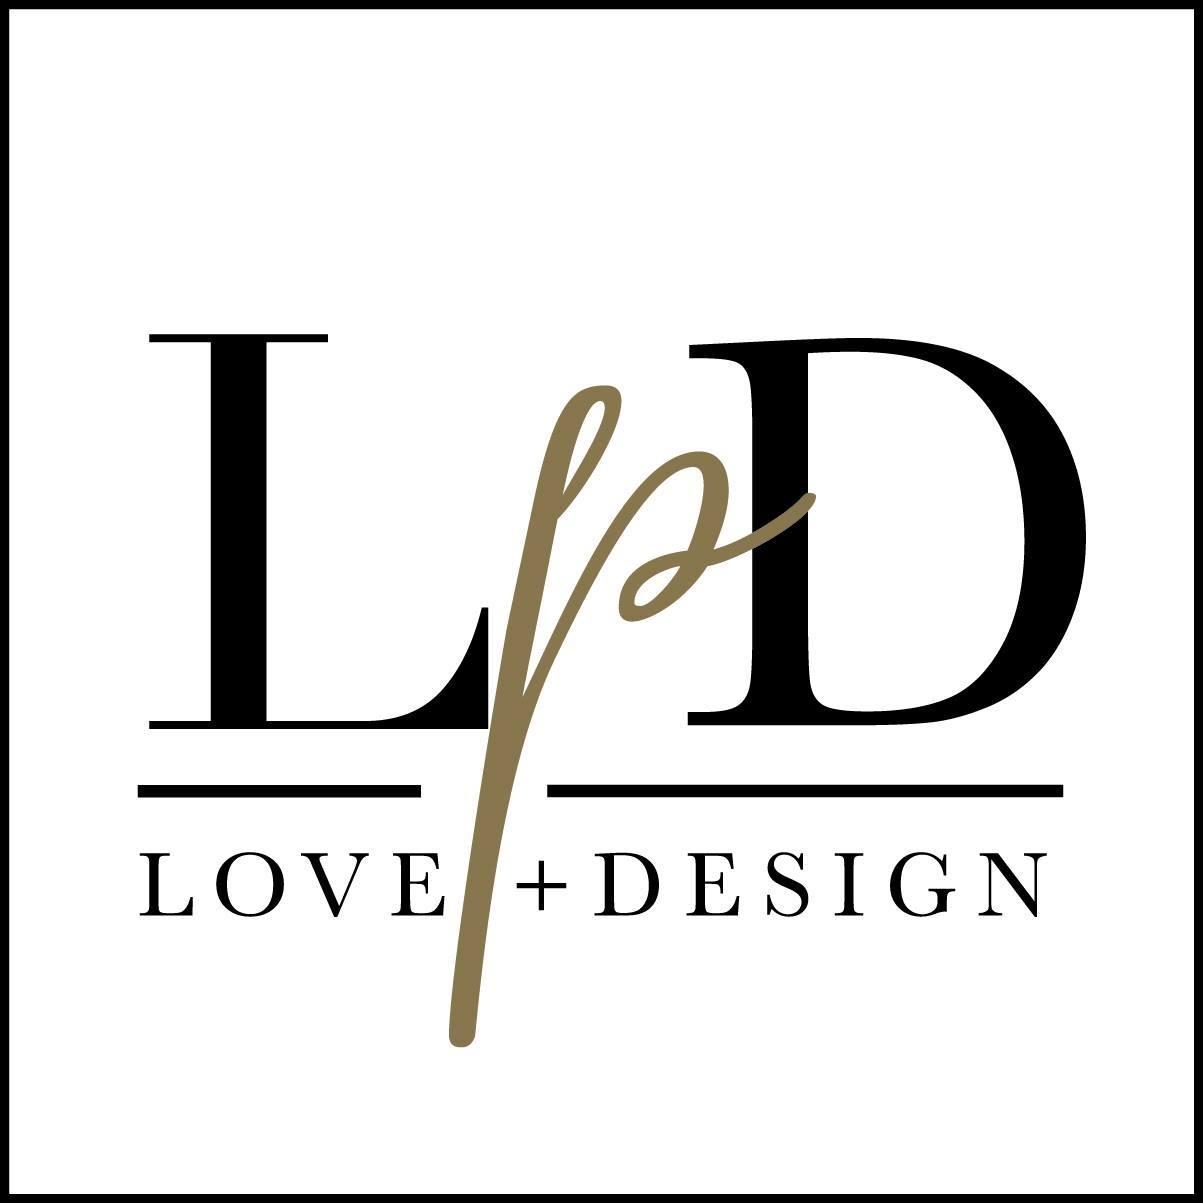 Love Plus Design